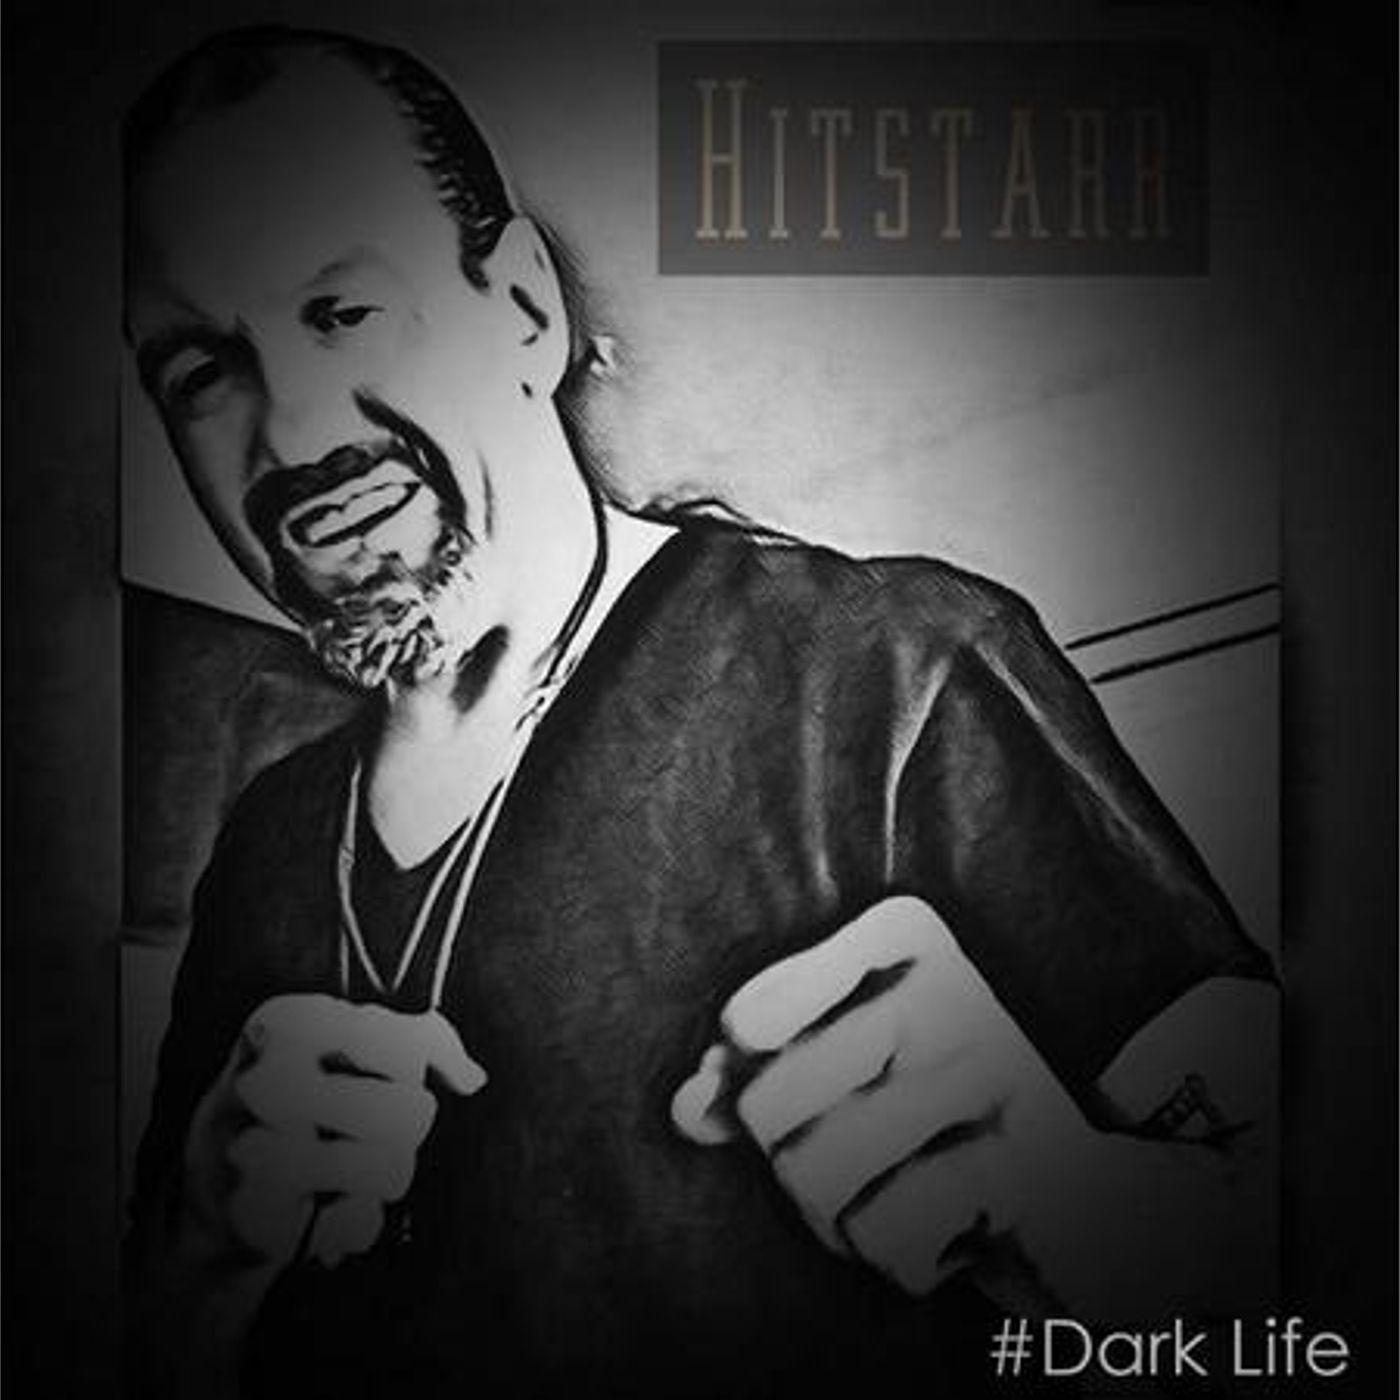 Kickboxer Hitstar On ITNS Radio